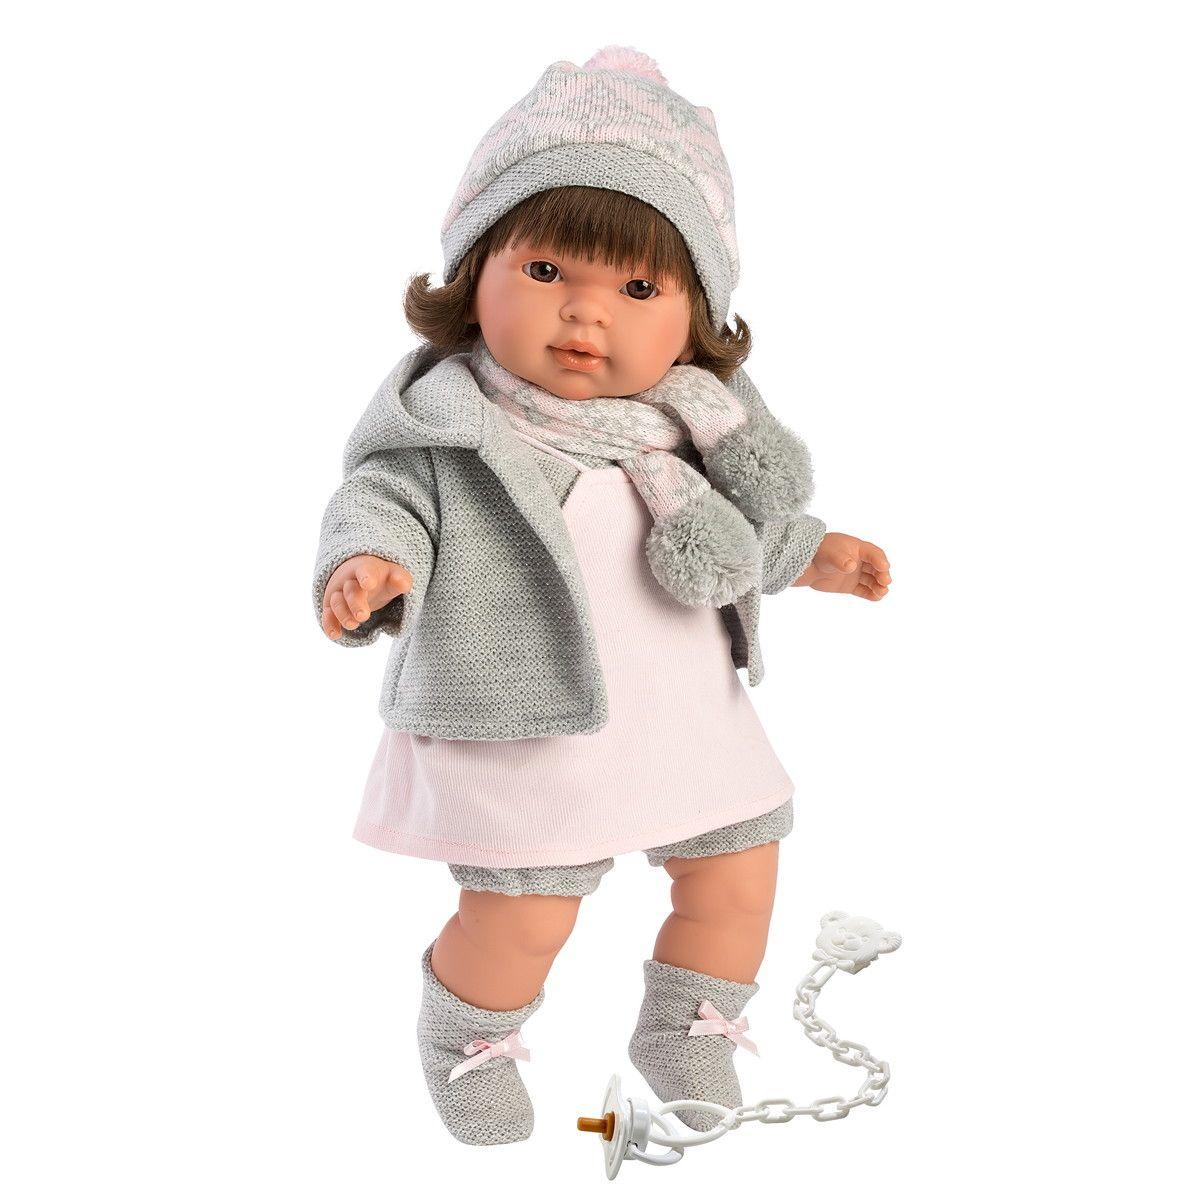 Купить Интерактивная кукла - Пиппа, 42 см, со звуком, Llorens Juan